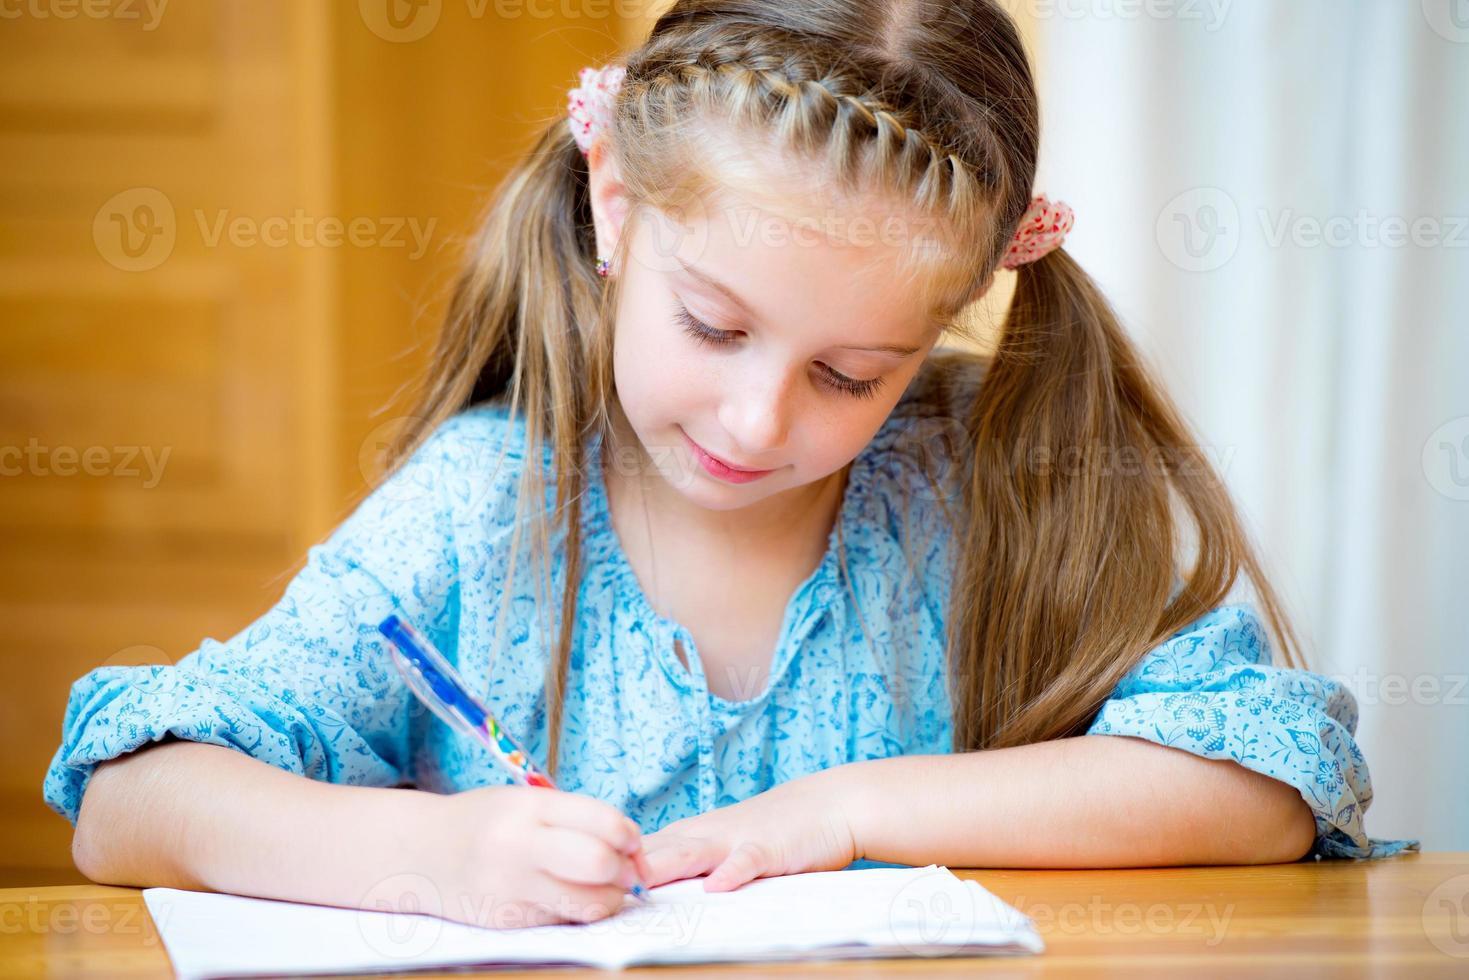 ragazza carina studiando foto